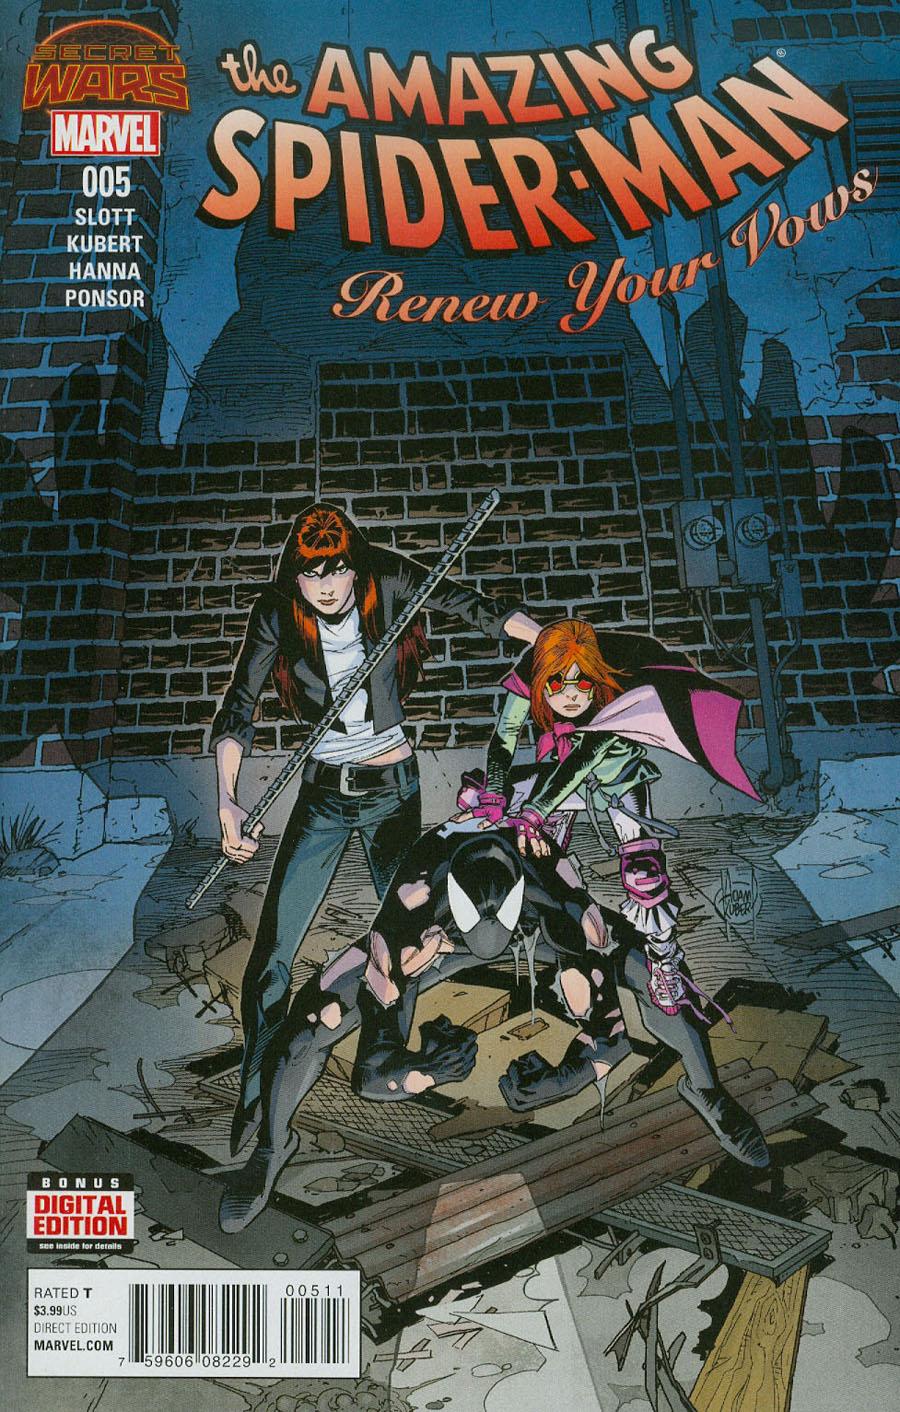 Amazing Spider-Man Renew Your Vows #5 Cover A Regular Adam Kubert Cover (Secret Wars Warzones Tie-In)